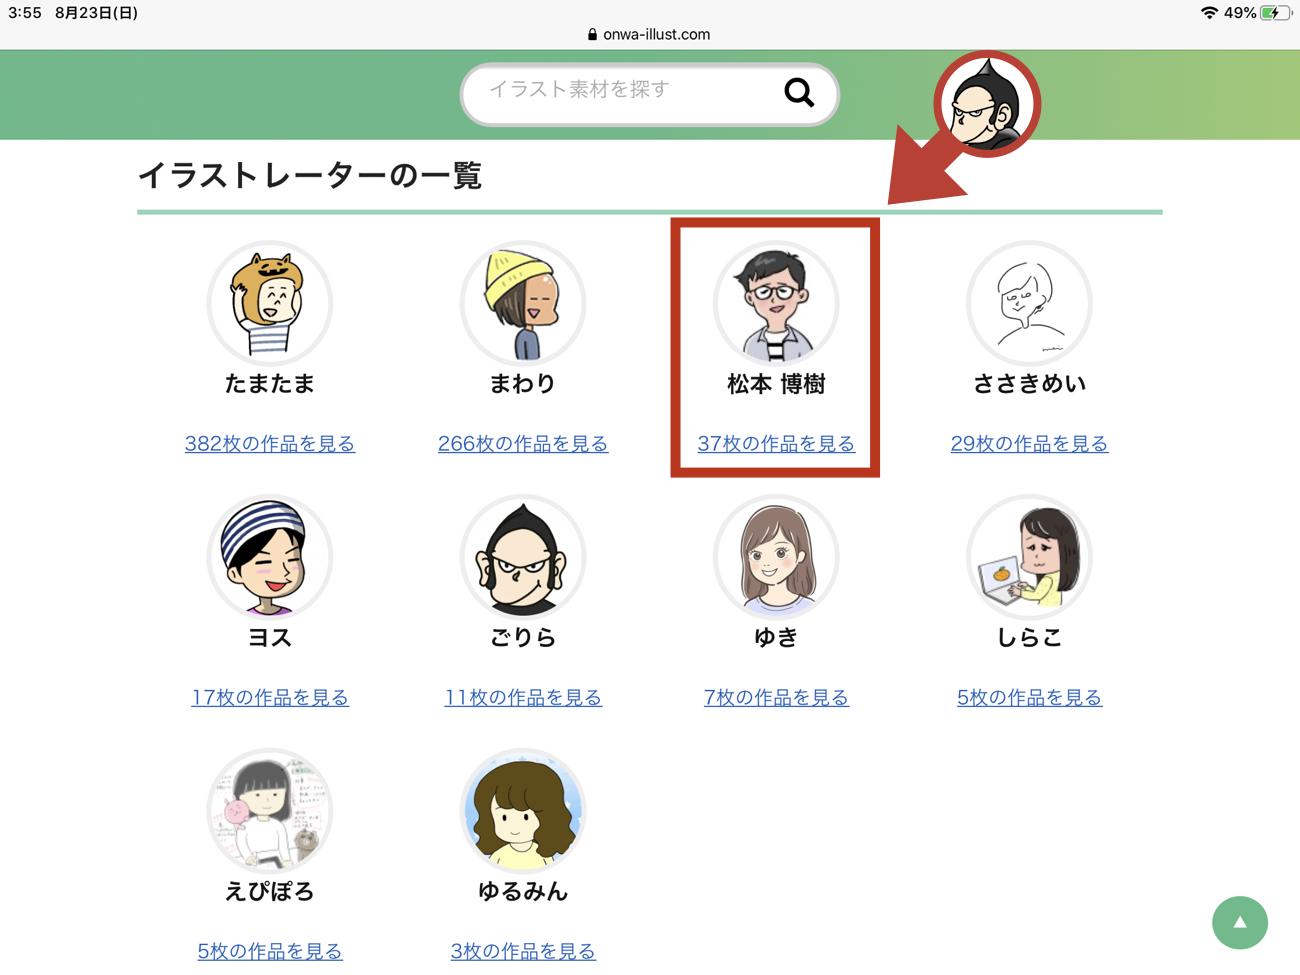 「イラストレーター一覧」に松本さんの名前も!?